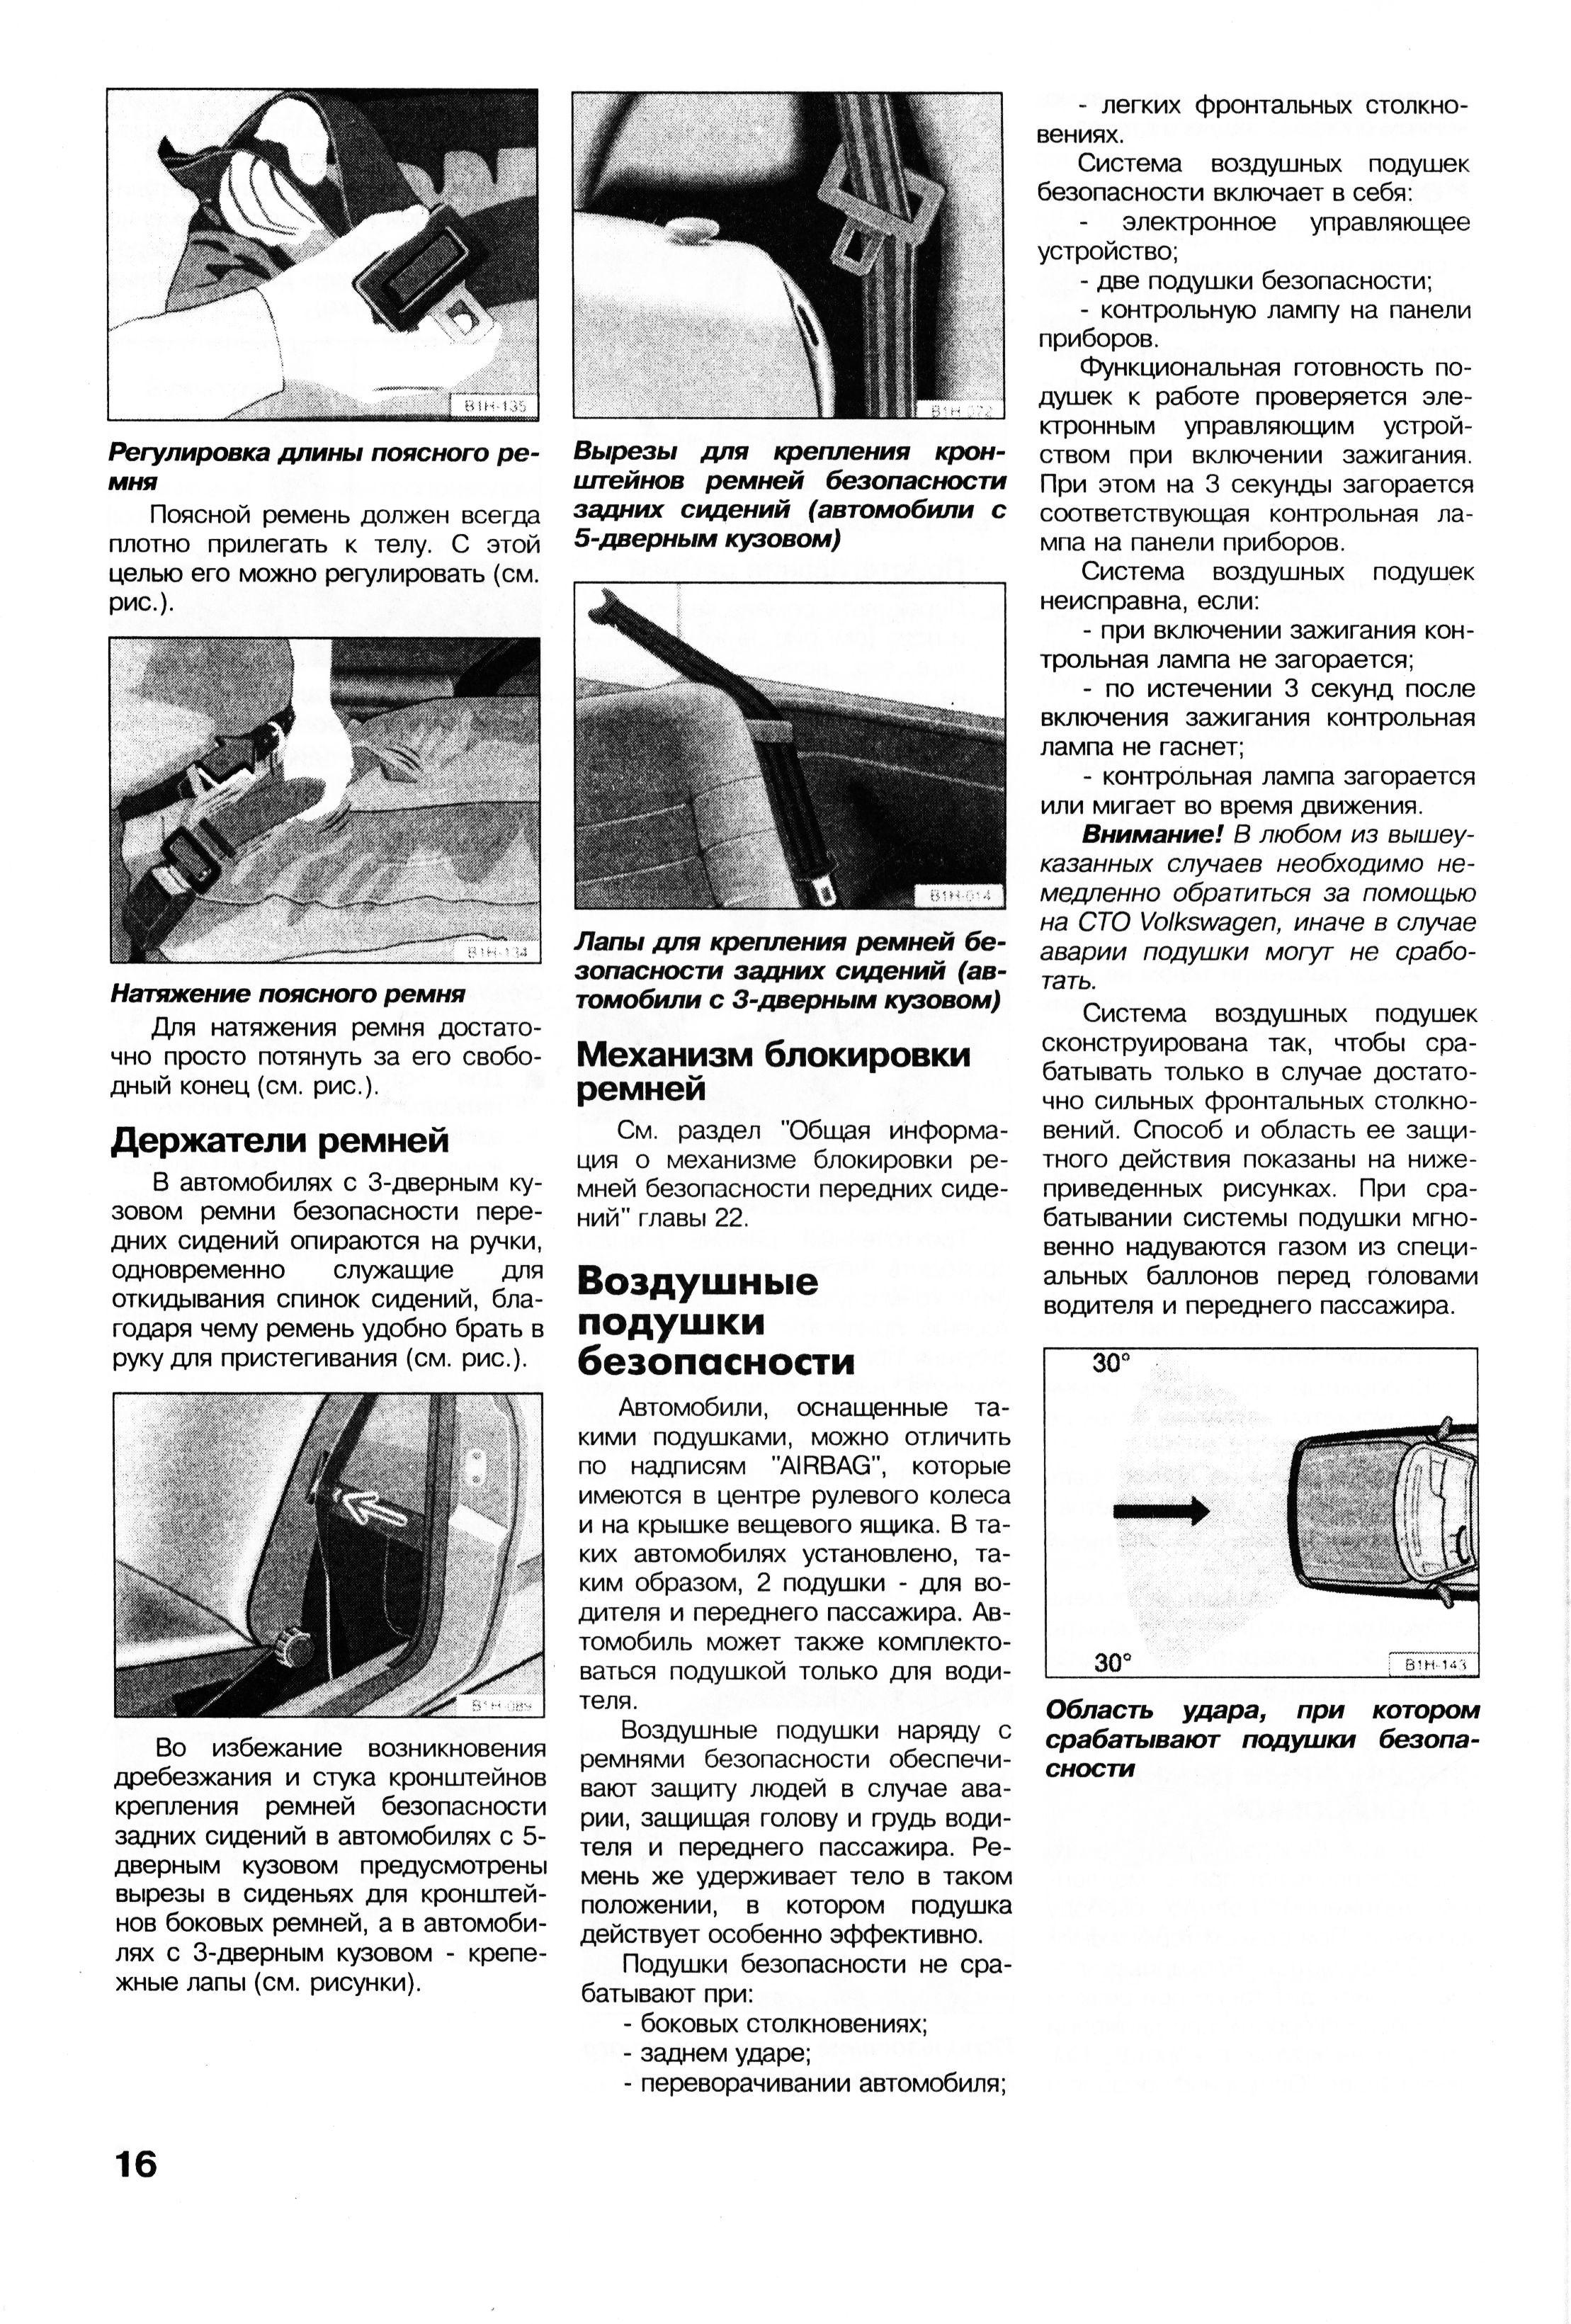 руководство по ремонту эксплуатации и техническому обслуживанию автомобилей